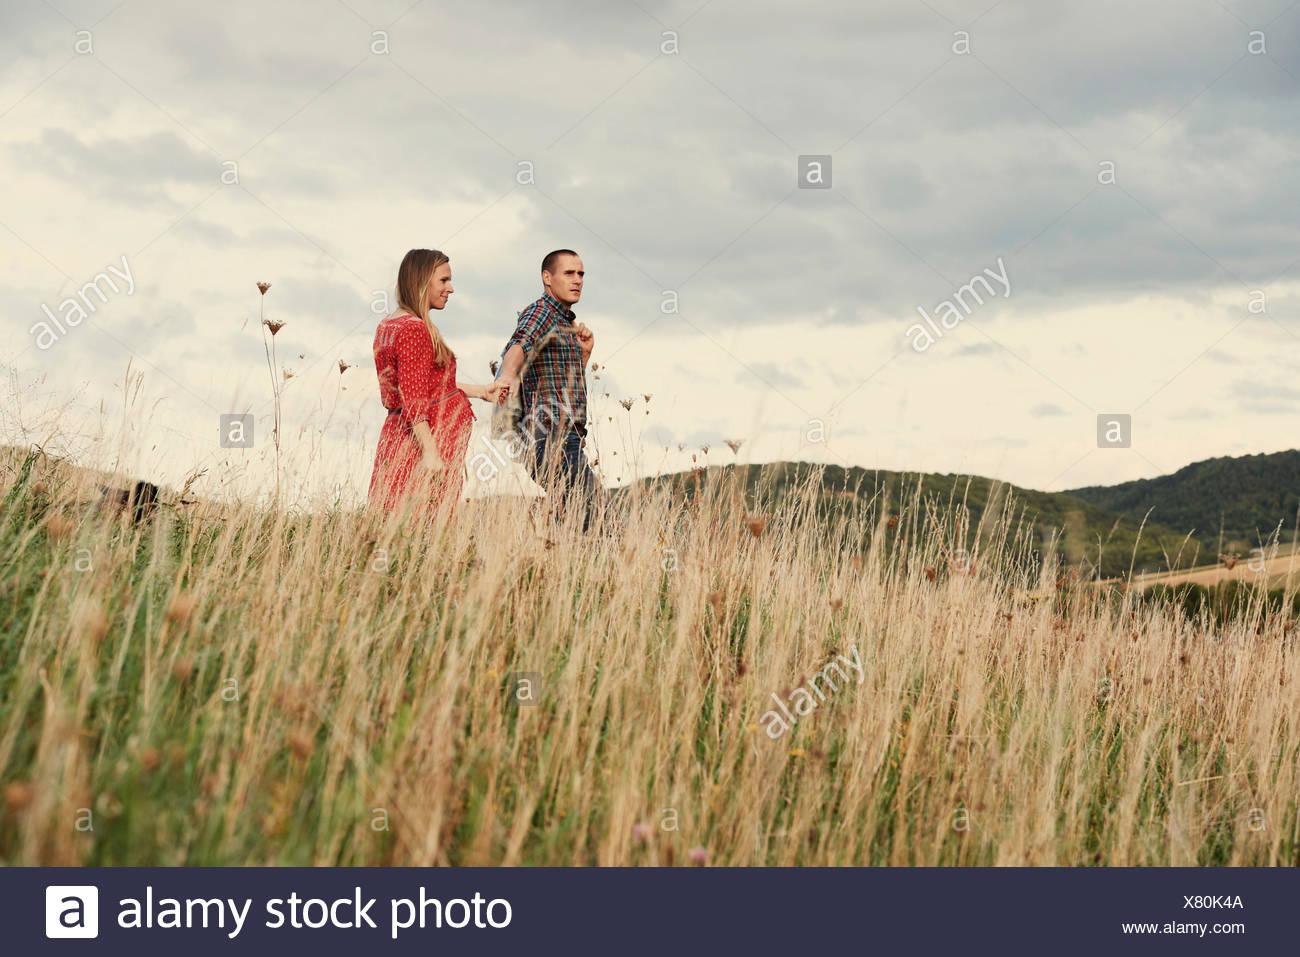 Embarazadas adulto medio par la celebración de manos mientras paseando ladera abajo Imagen De Stock